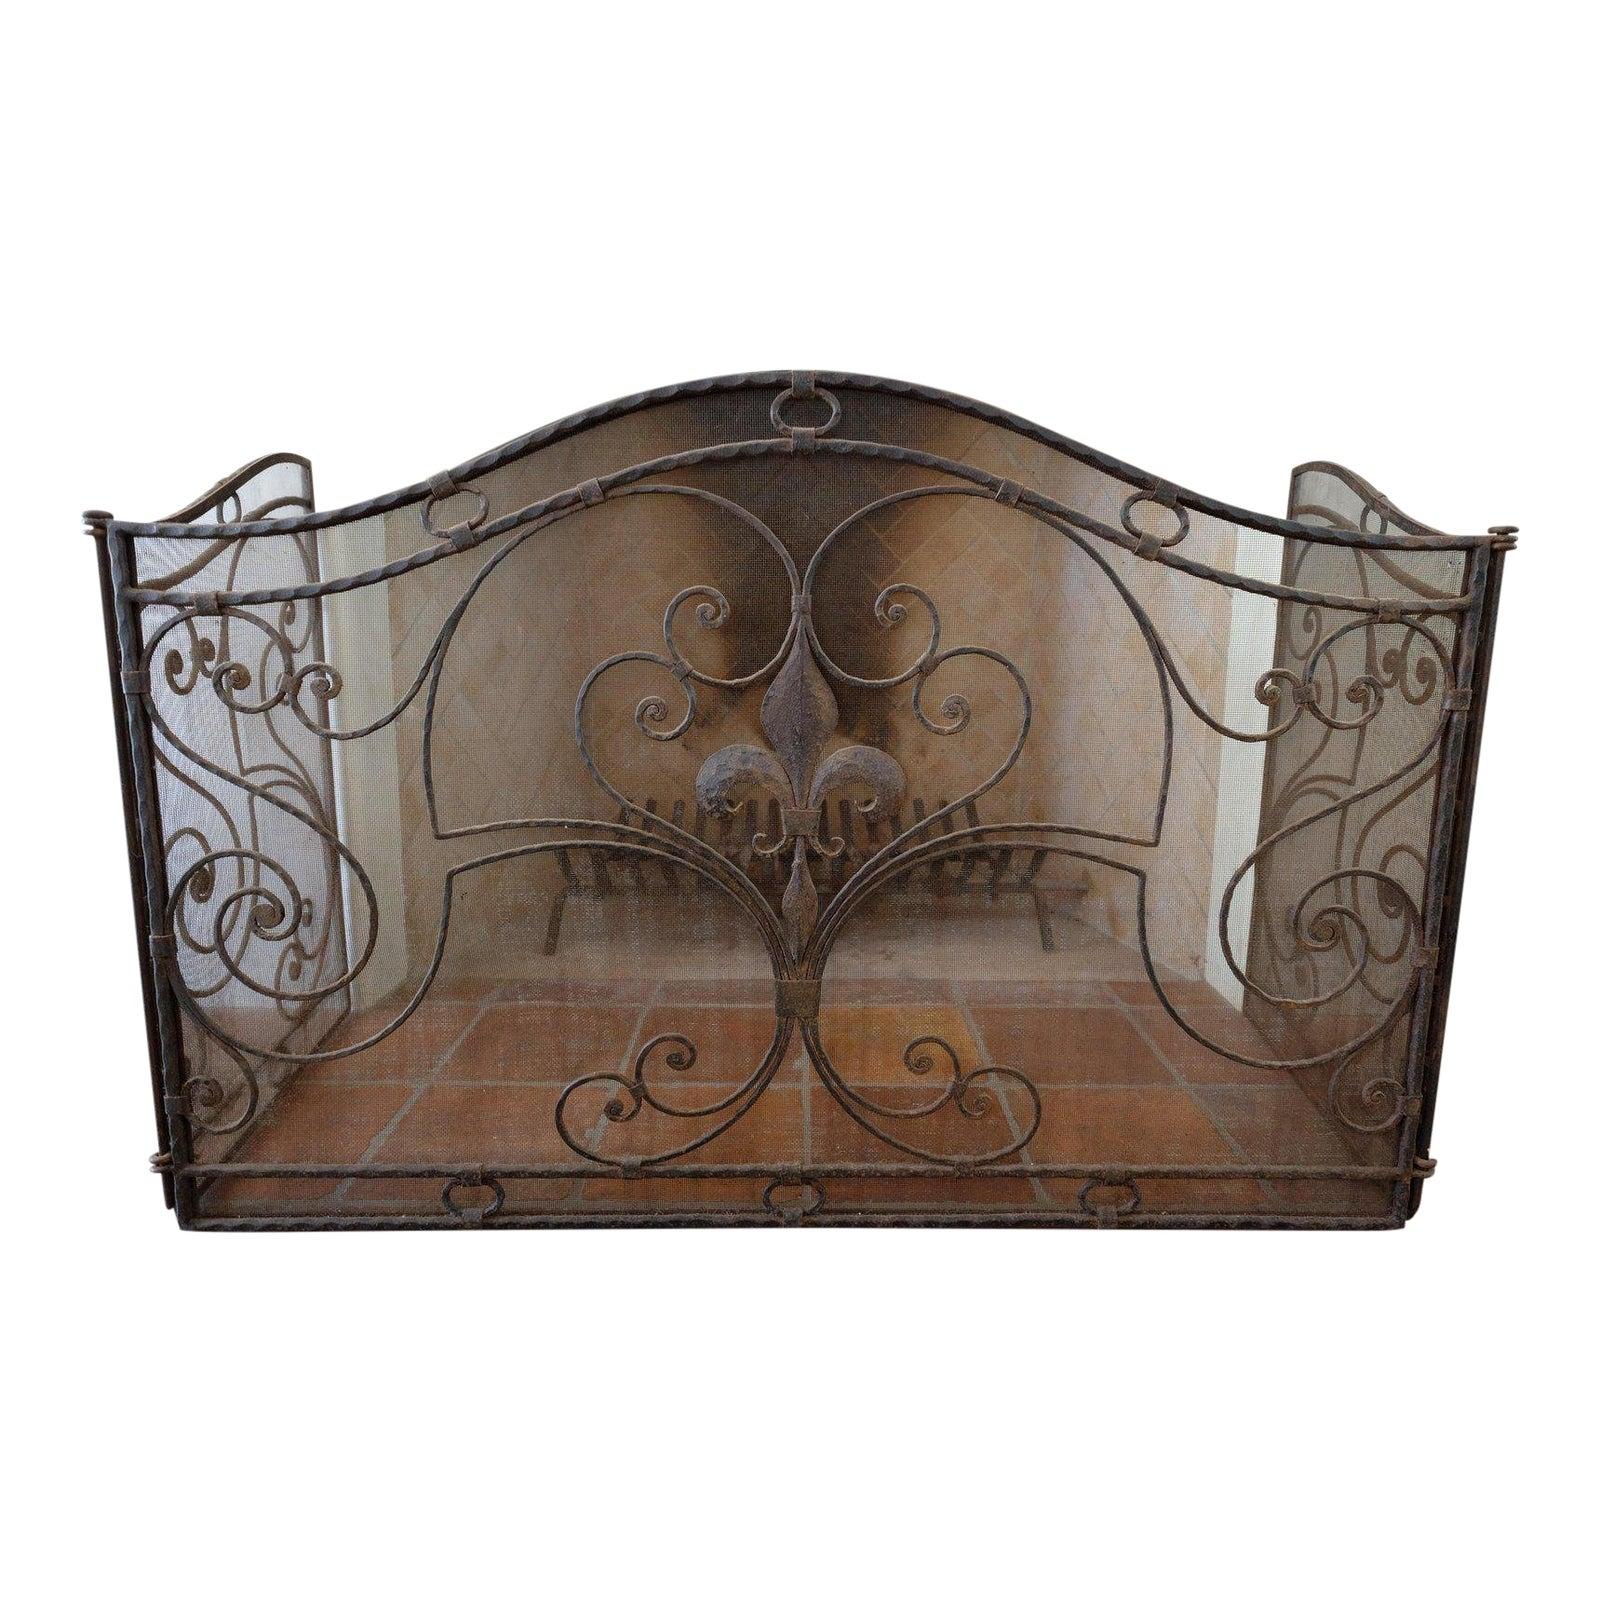 Antique Fireplace Screen >> Antique Fireplace Screen Chairish